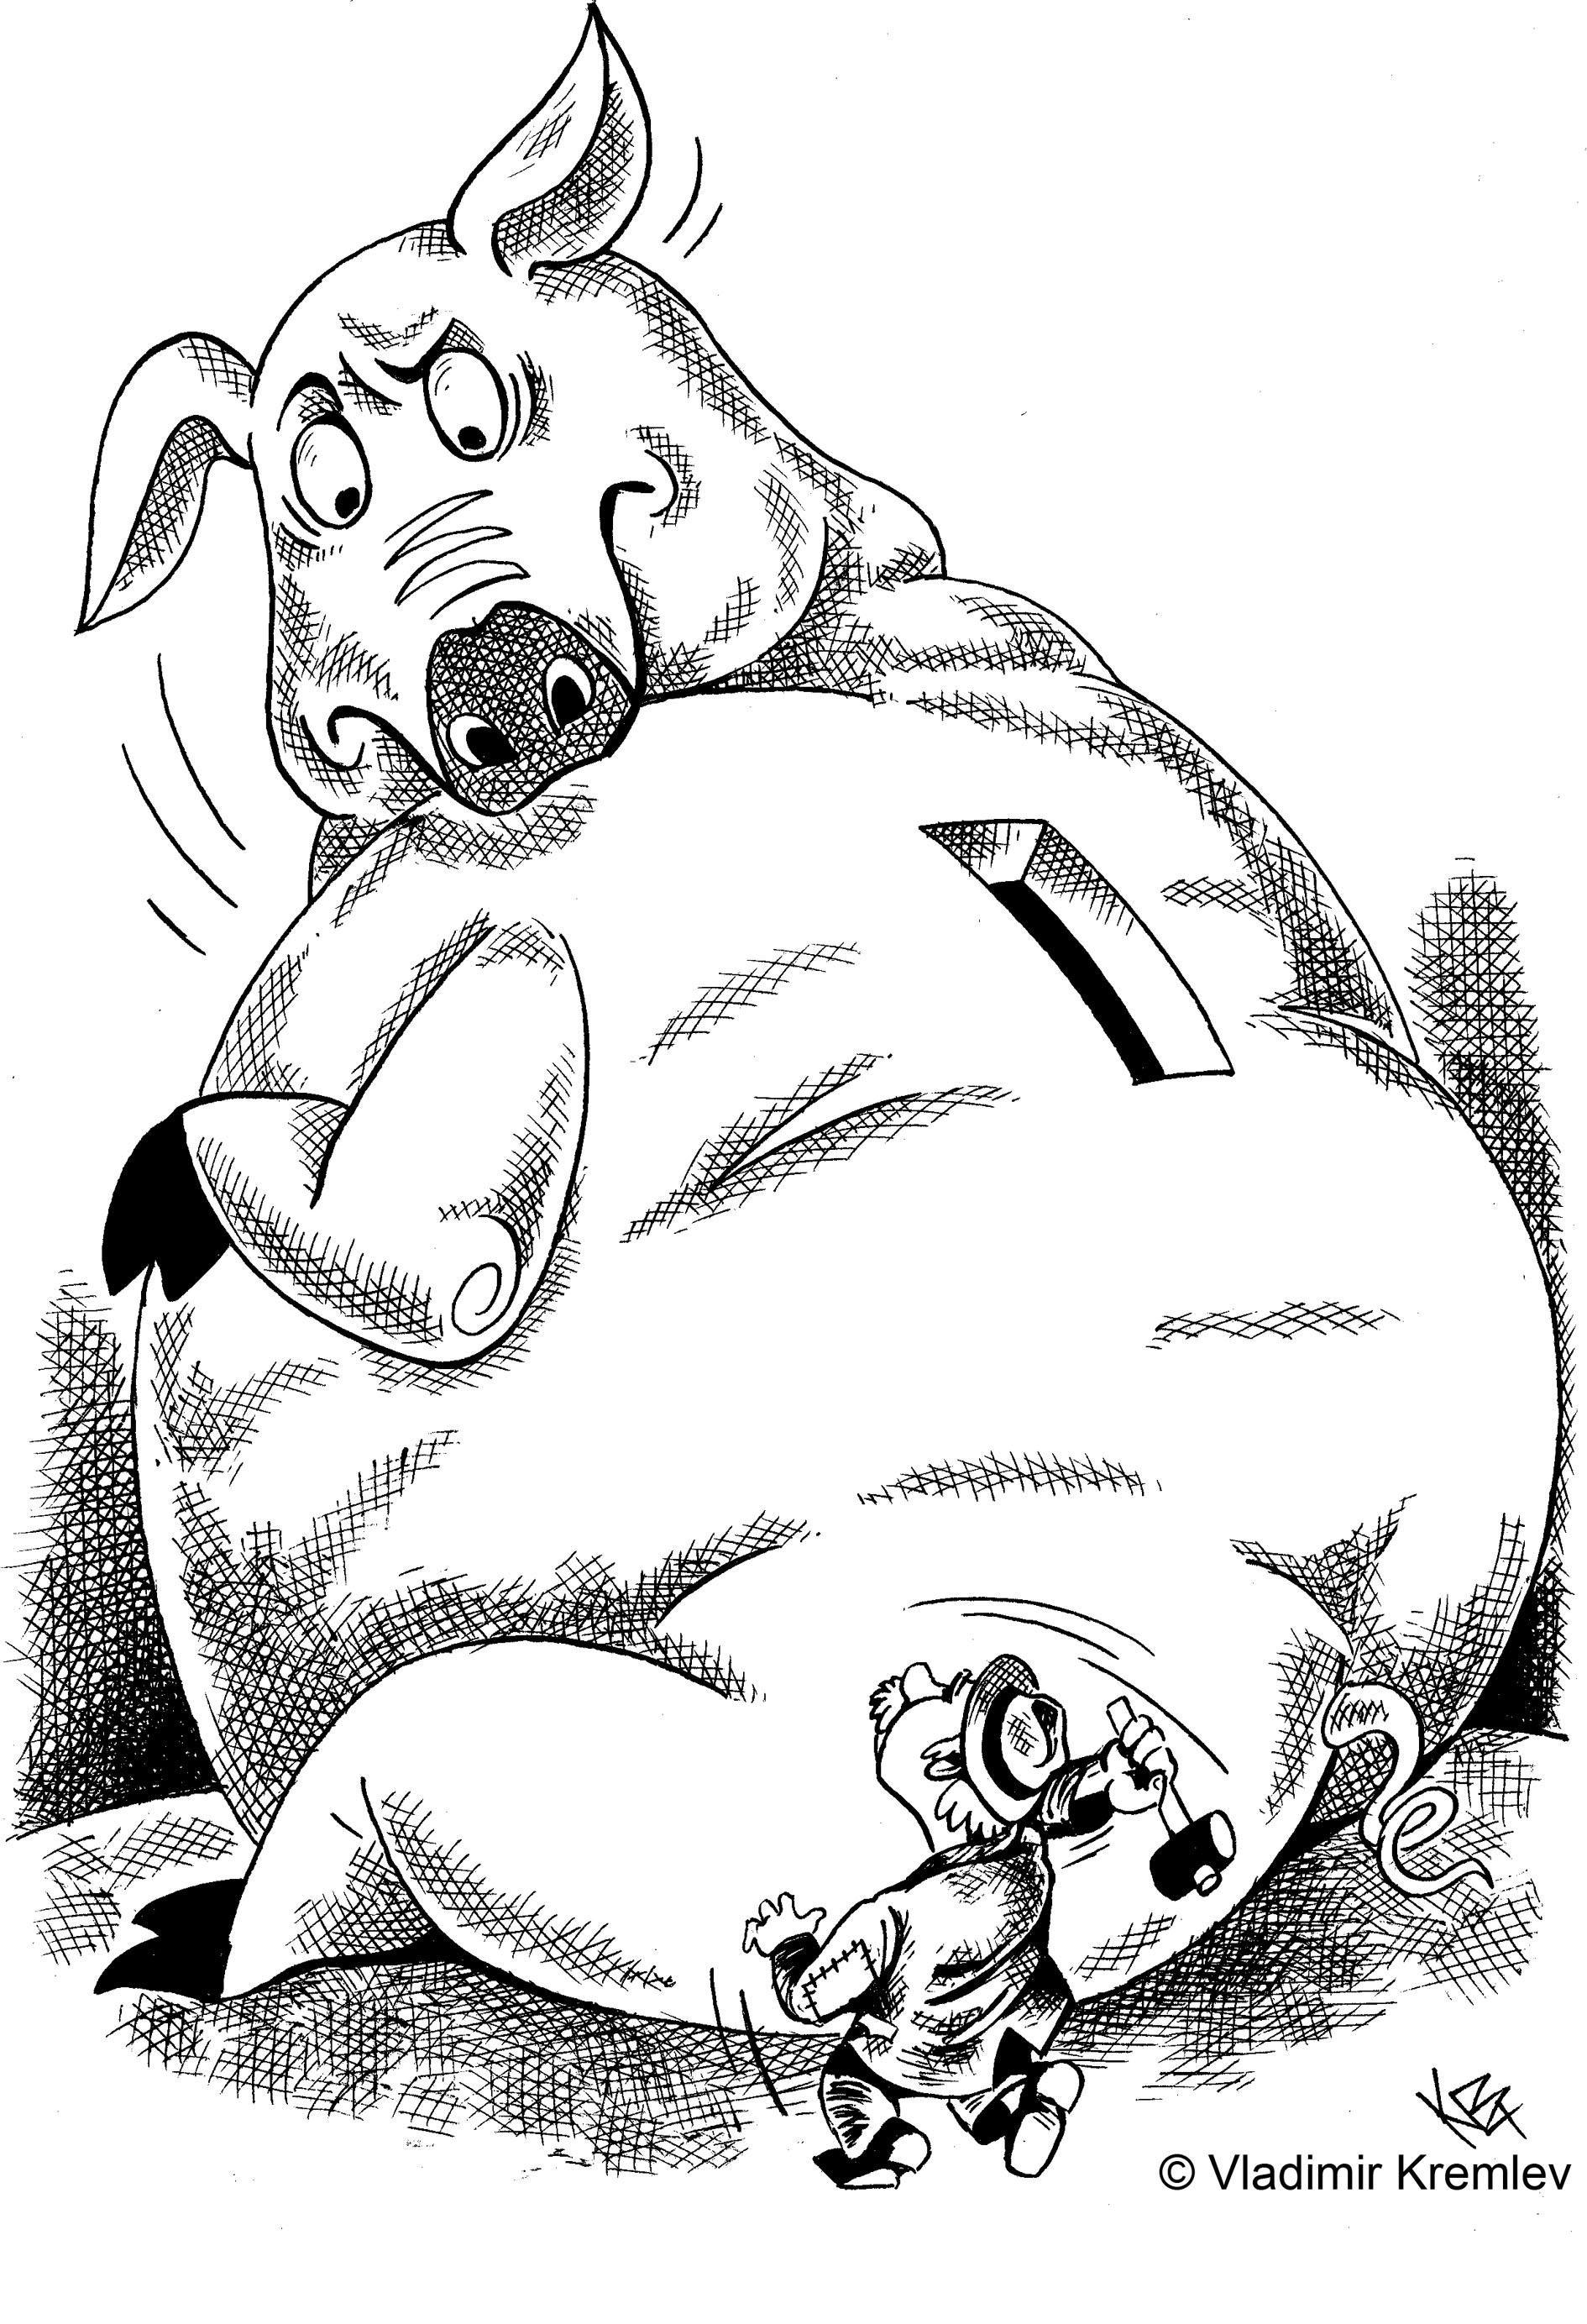 Пенсионный фонд россии смешные картинки